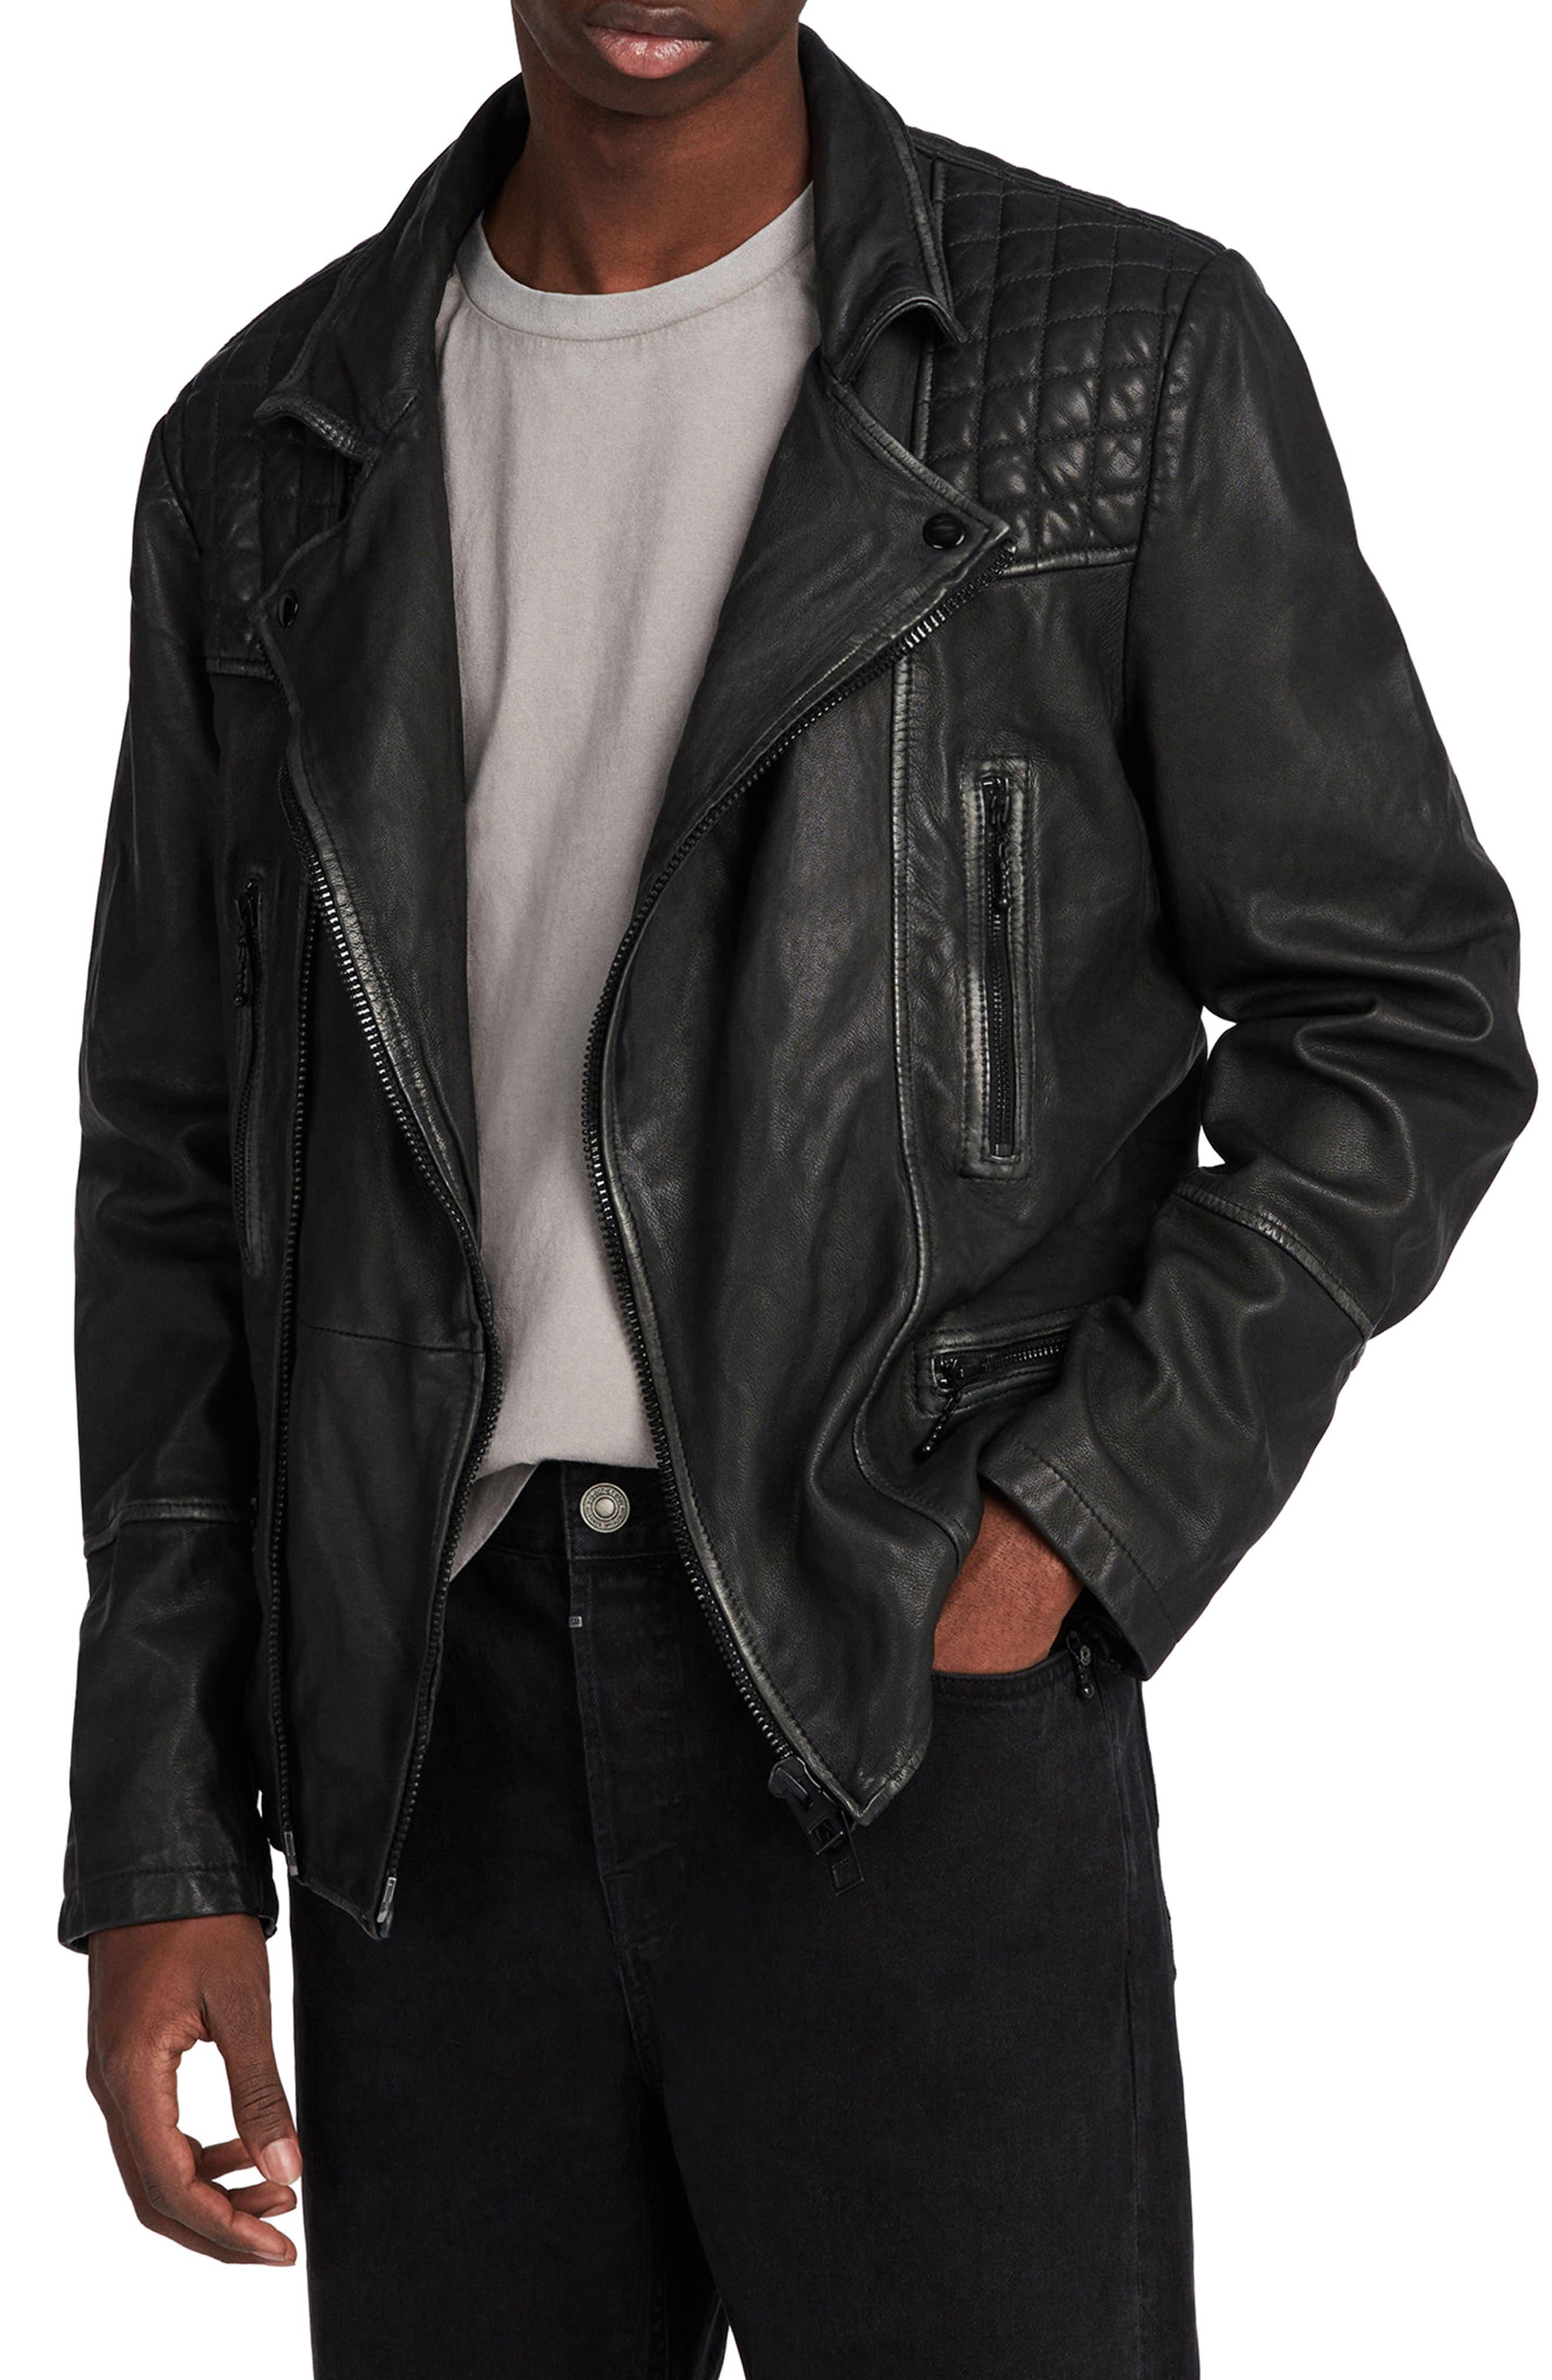 ALLSAINTS, Cargo Biker Slim Fit Leather Jacket, Main thumbnail 1, color, BLACK GREY